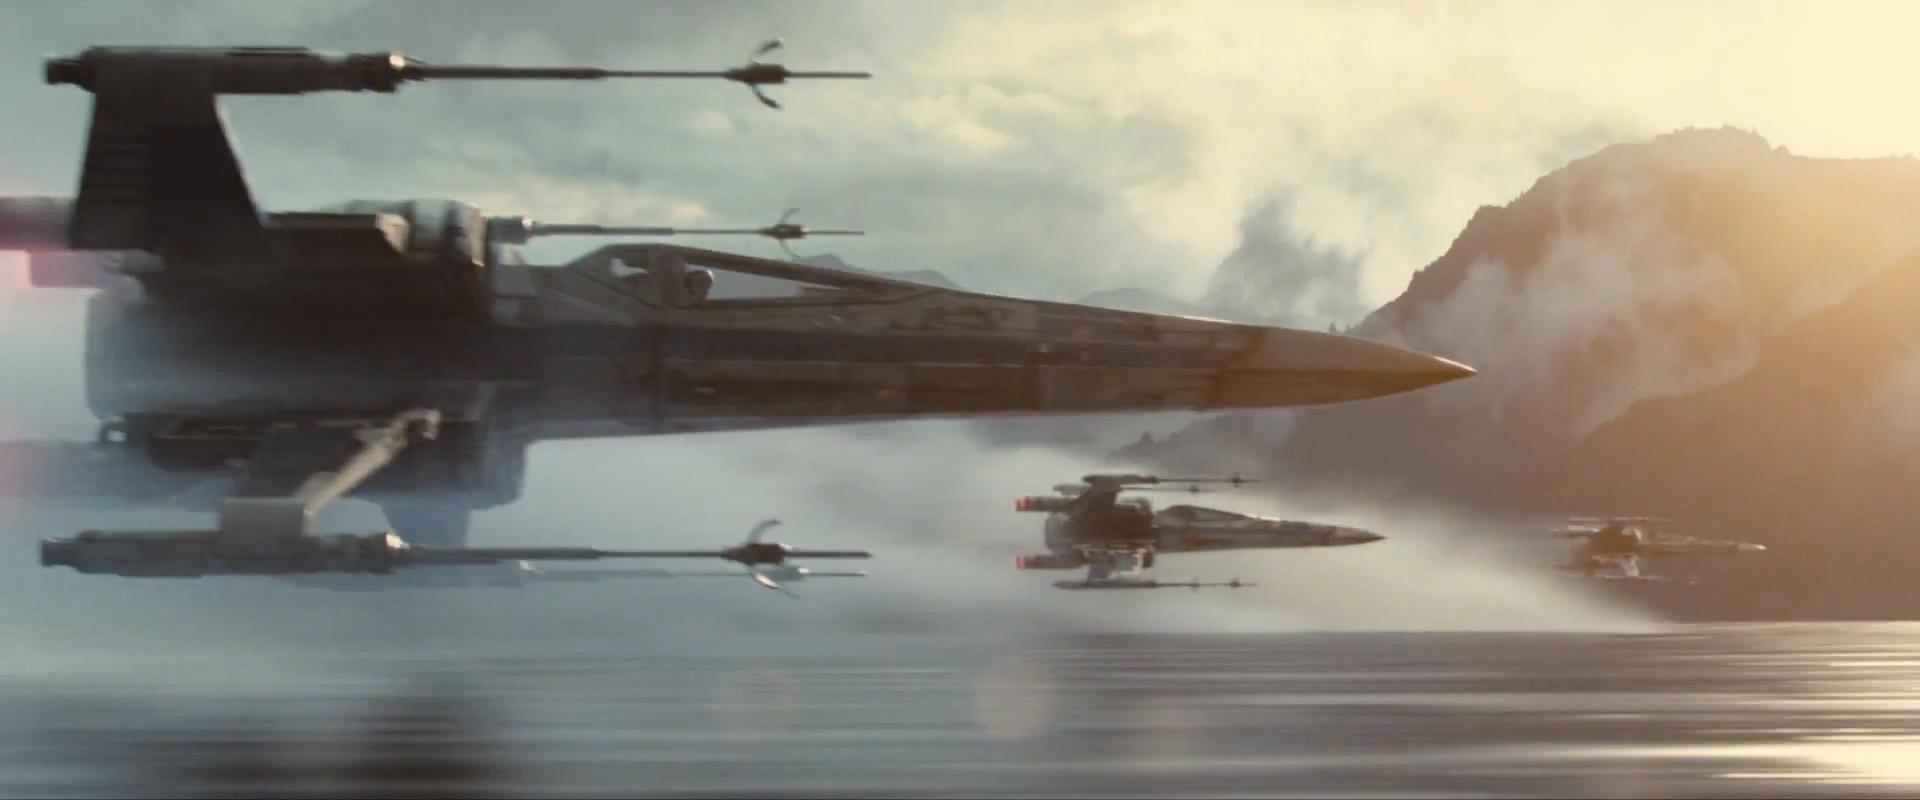 Звёздный истребитель «X-wing»/Канон